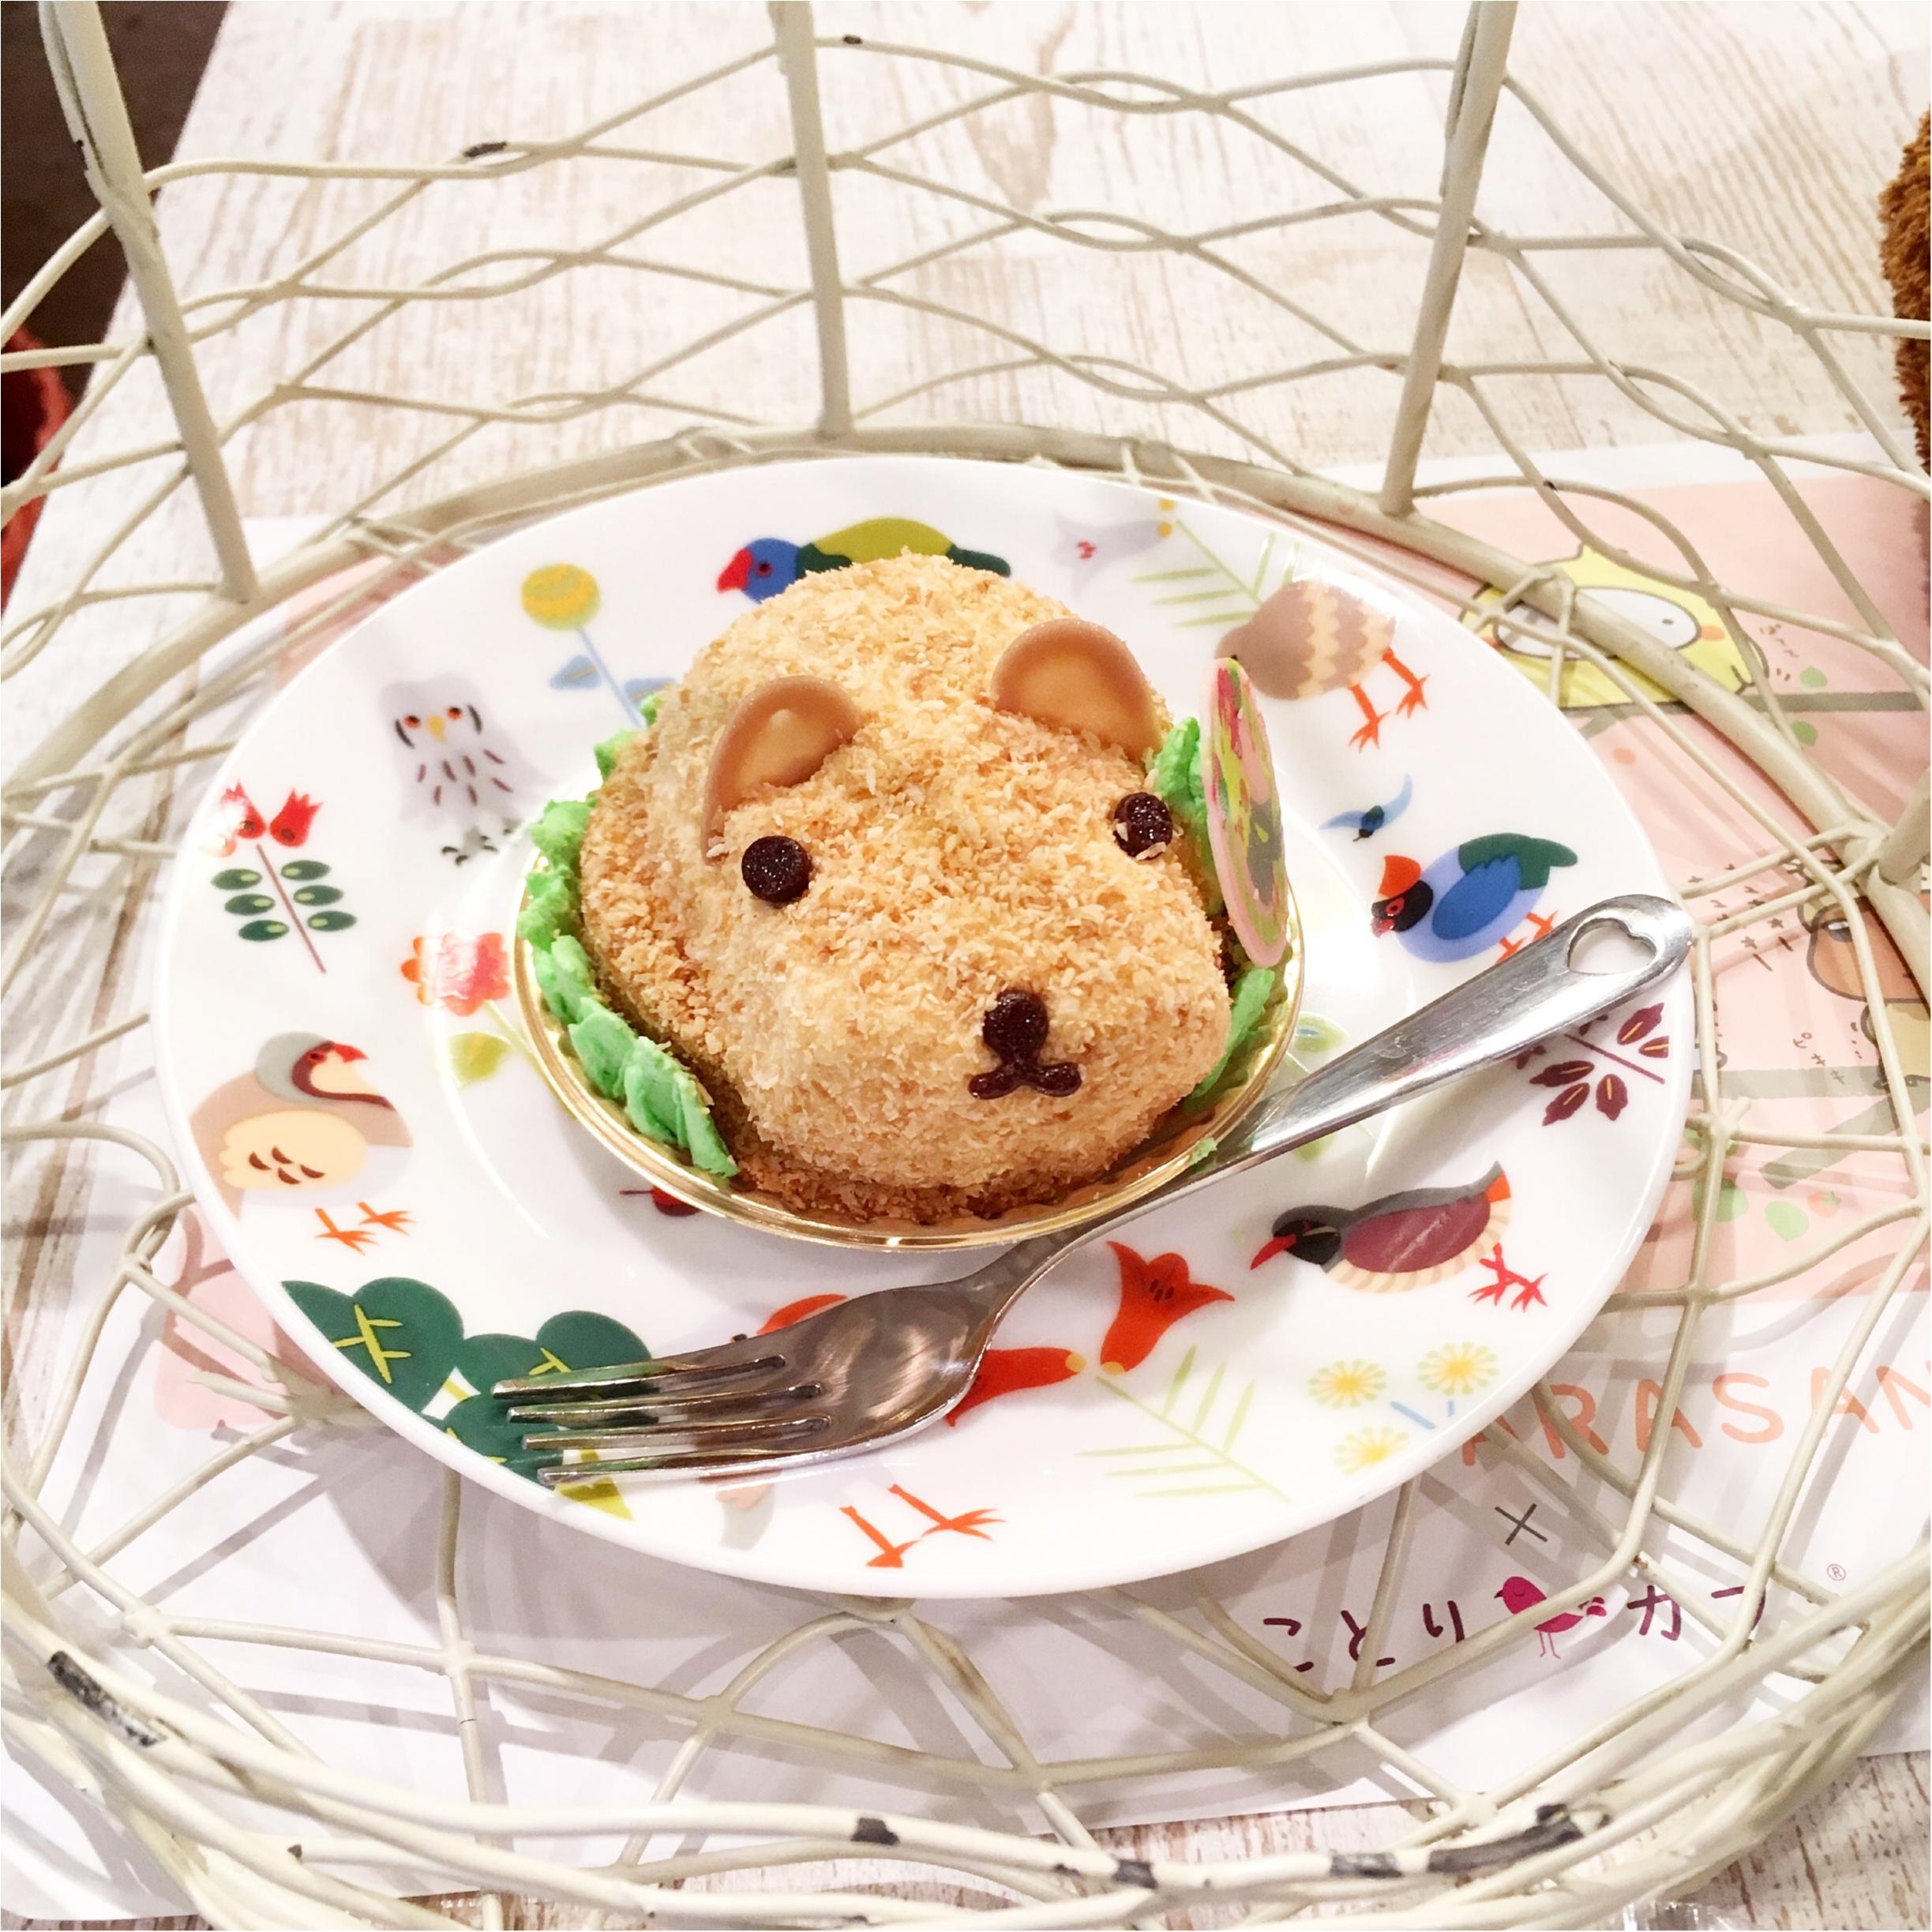 『カピバラさん×ことりカフェ』コラボ♡ことりカフェ表参道店でカピバラさんケーキを食べてきました(﹡´◡`﹡ )_8